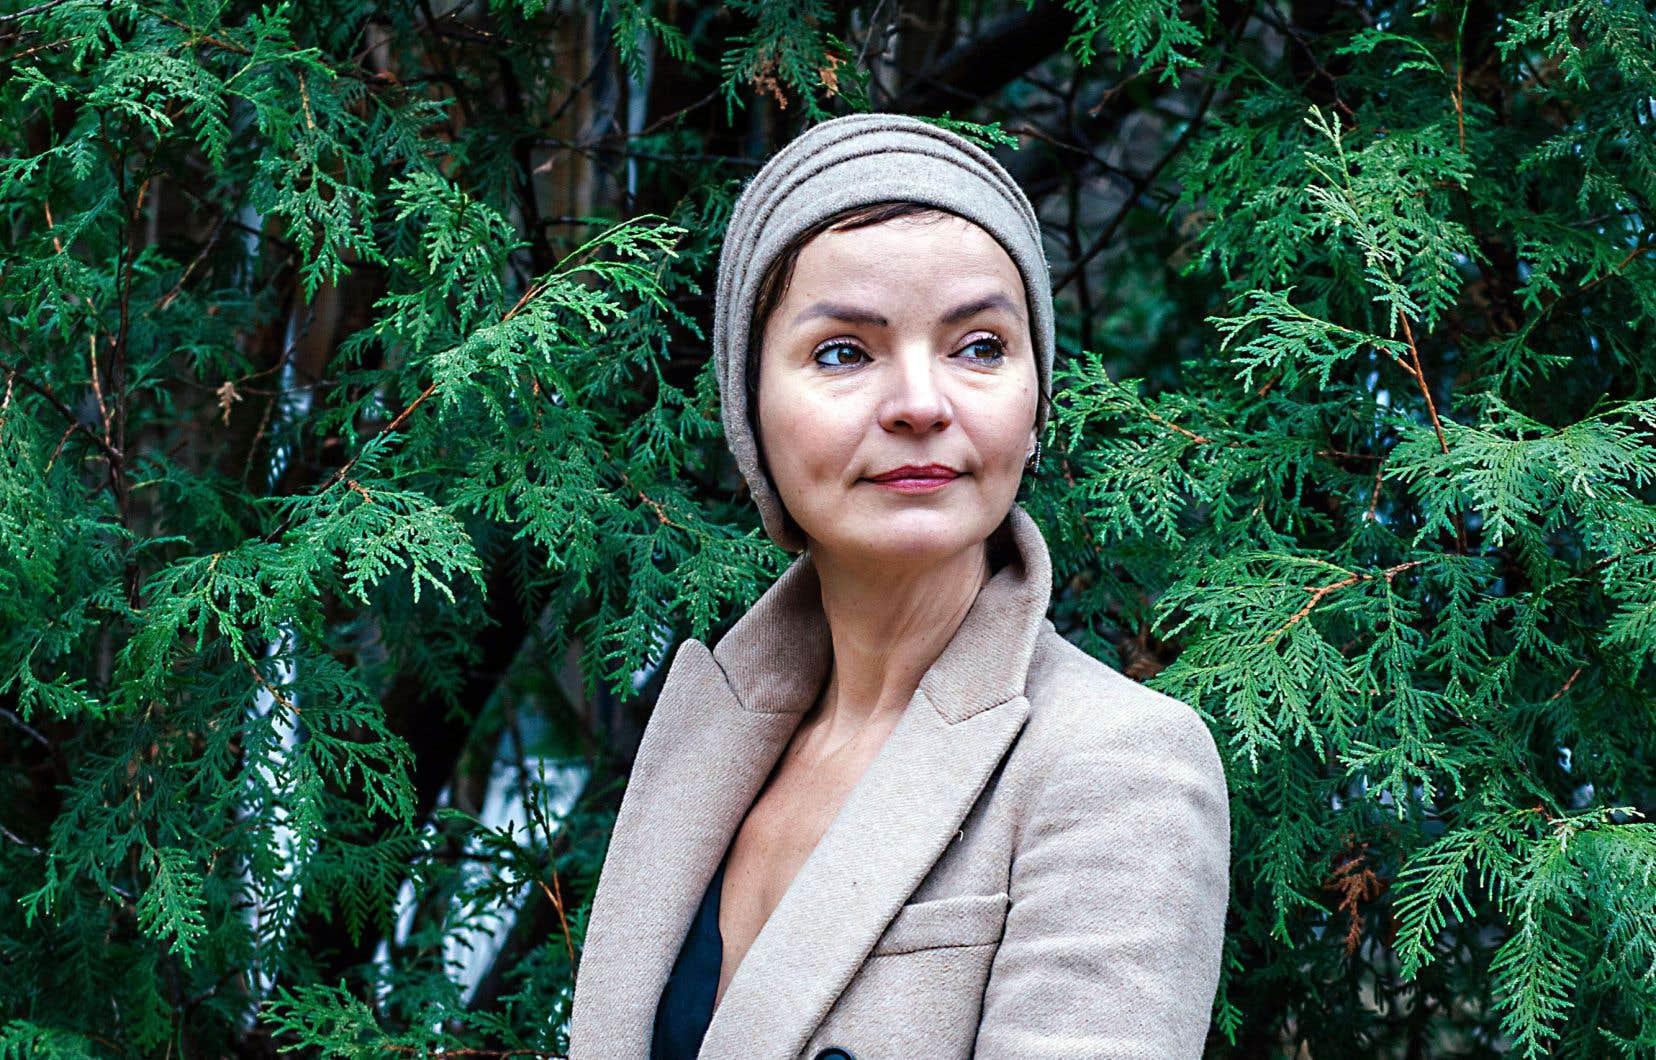 Tendre et enveloppante, Anaïs Barbeau-Lavalette parvient à poser un regard très doux et humain sur chacune des femmes.